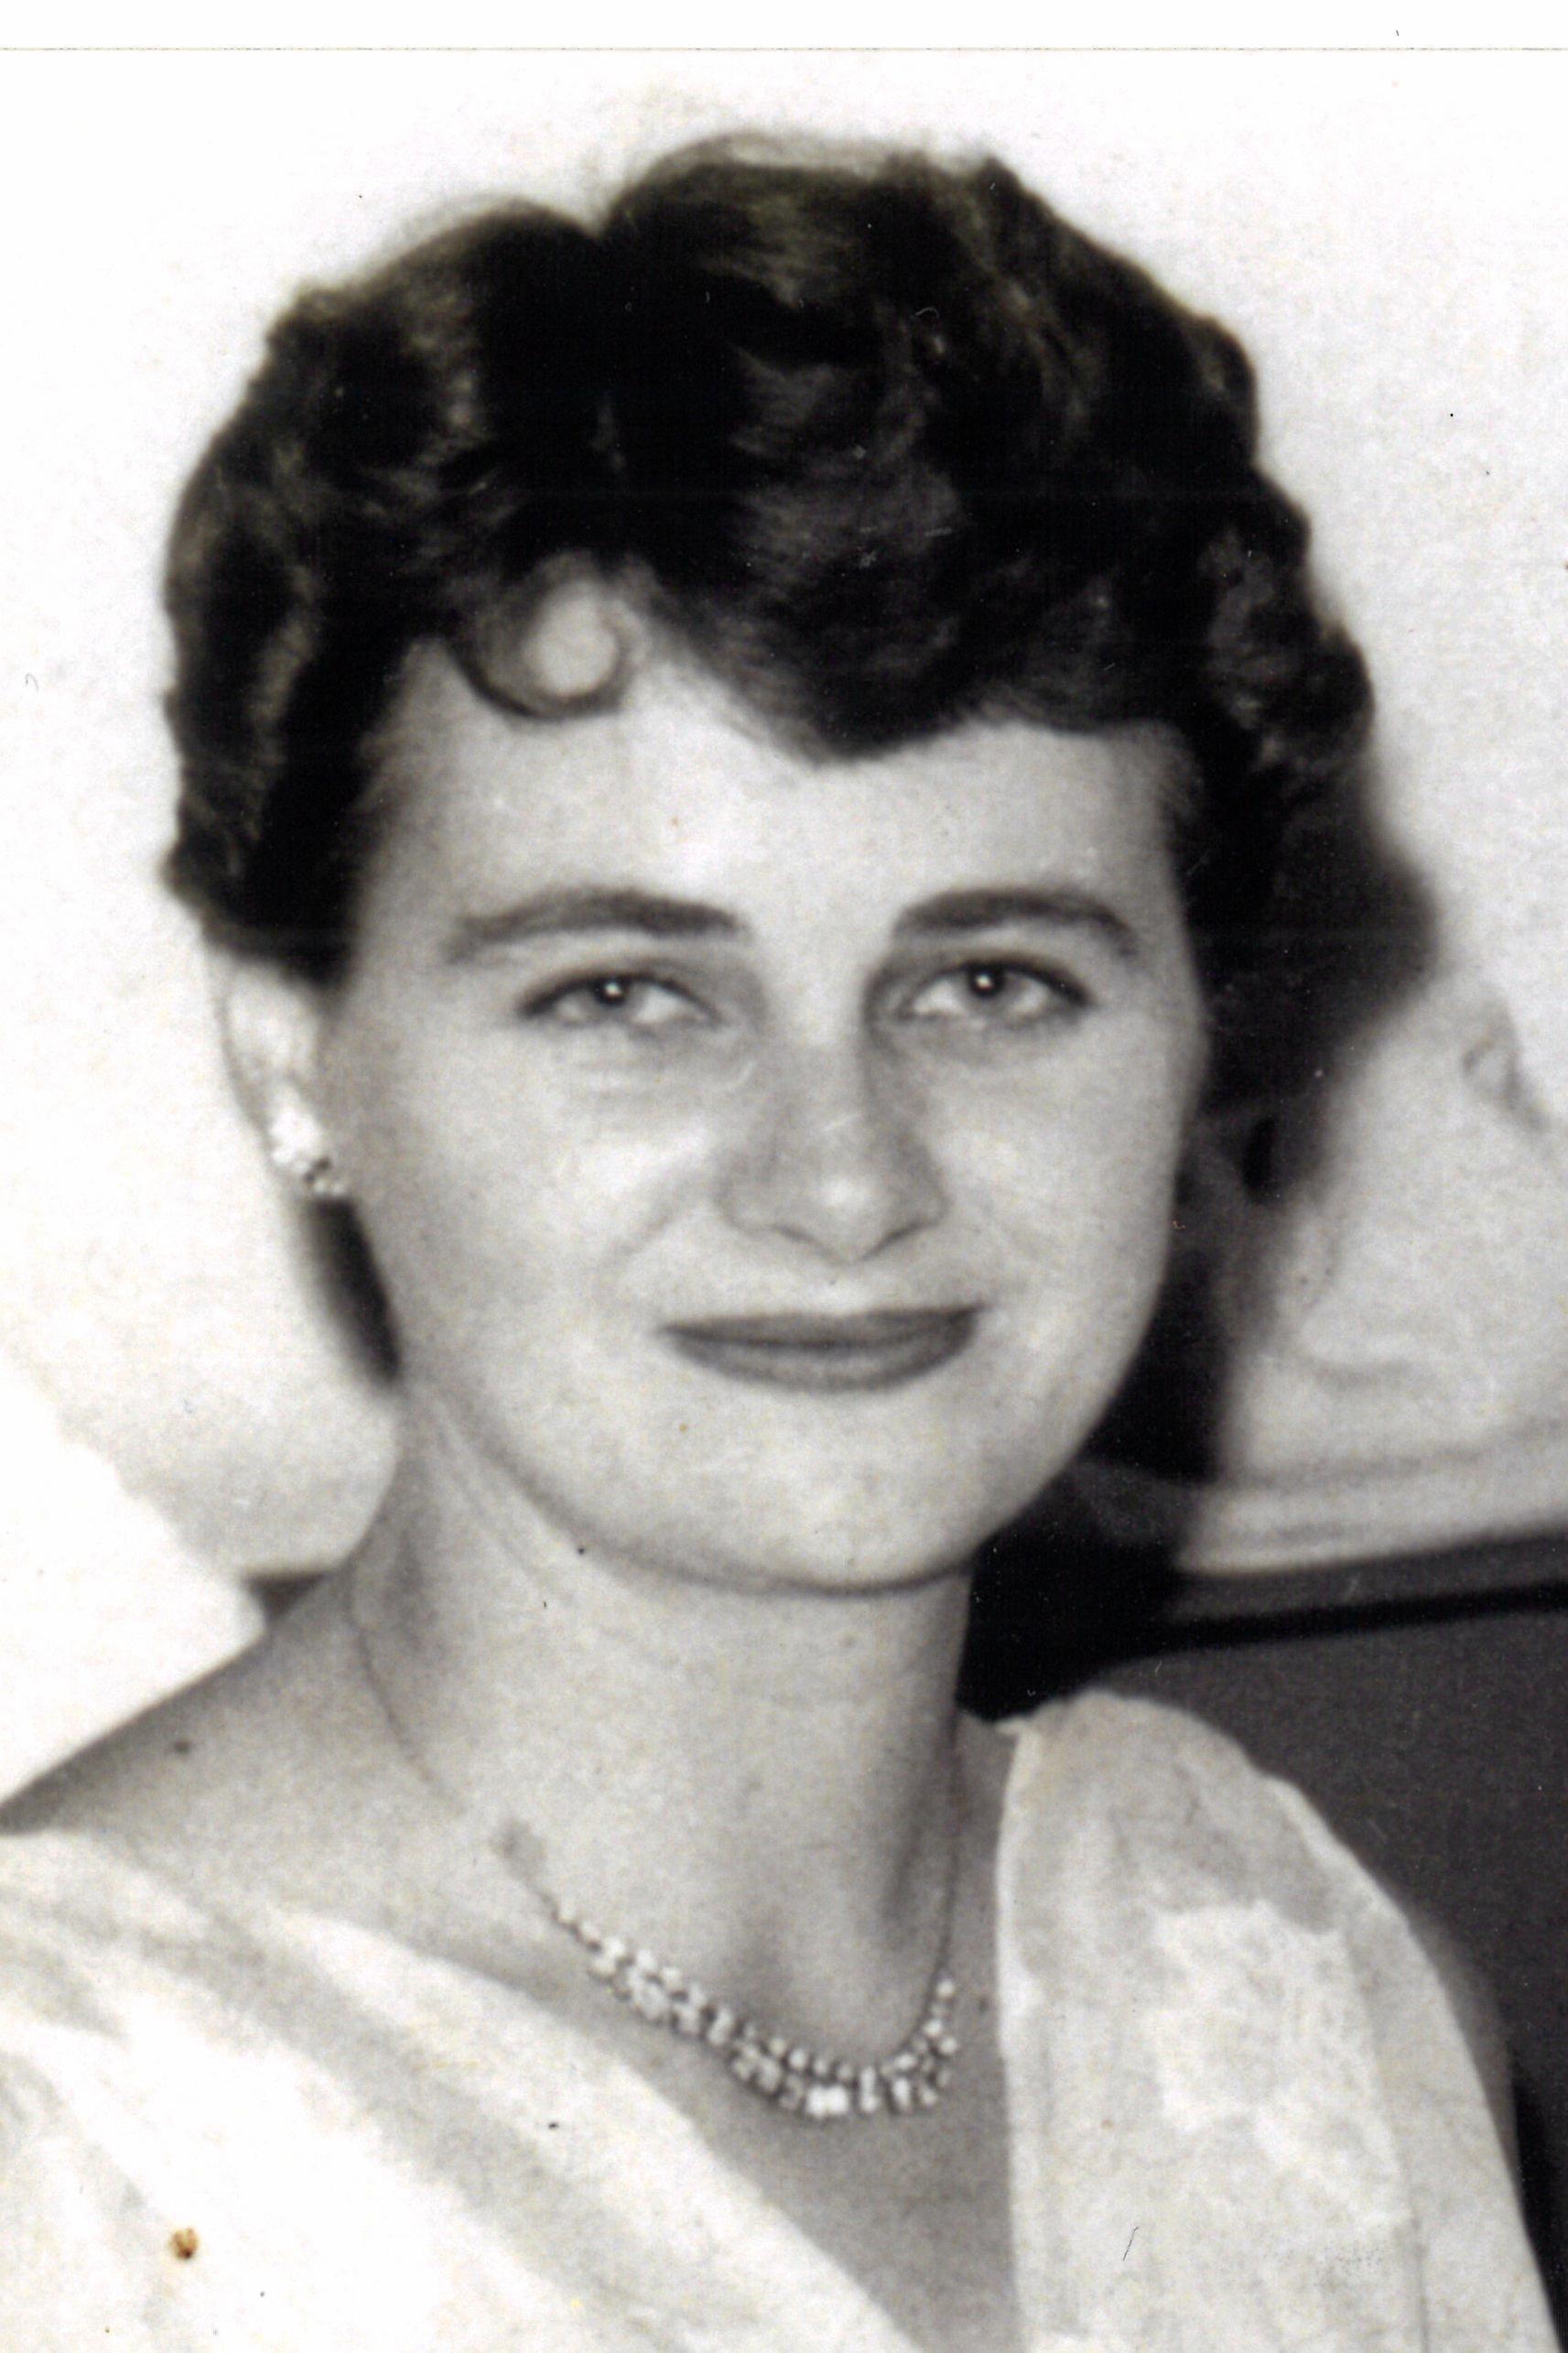 A young Carmel Gormley who had a lifelong love of animals